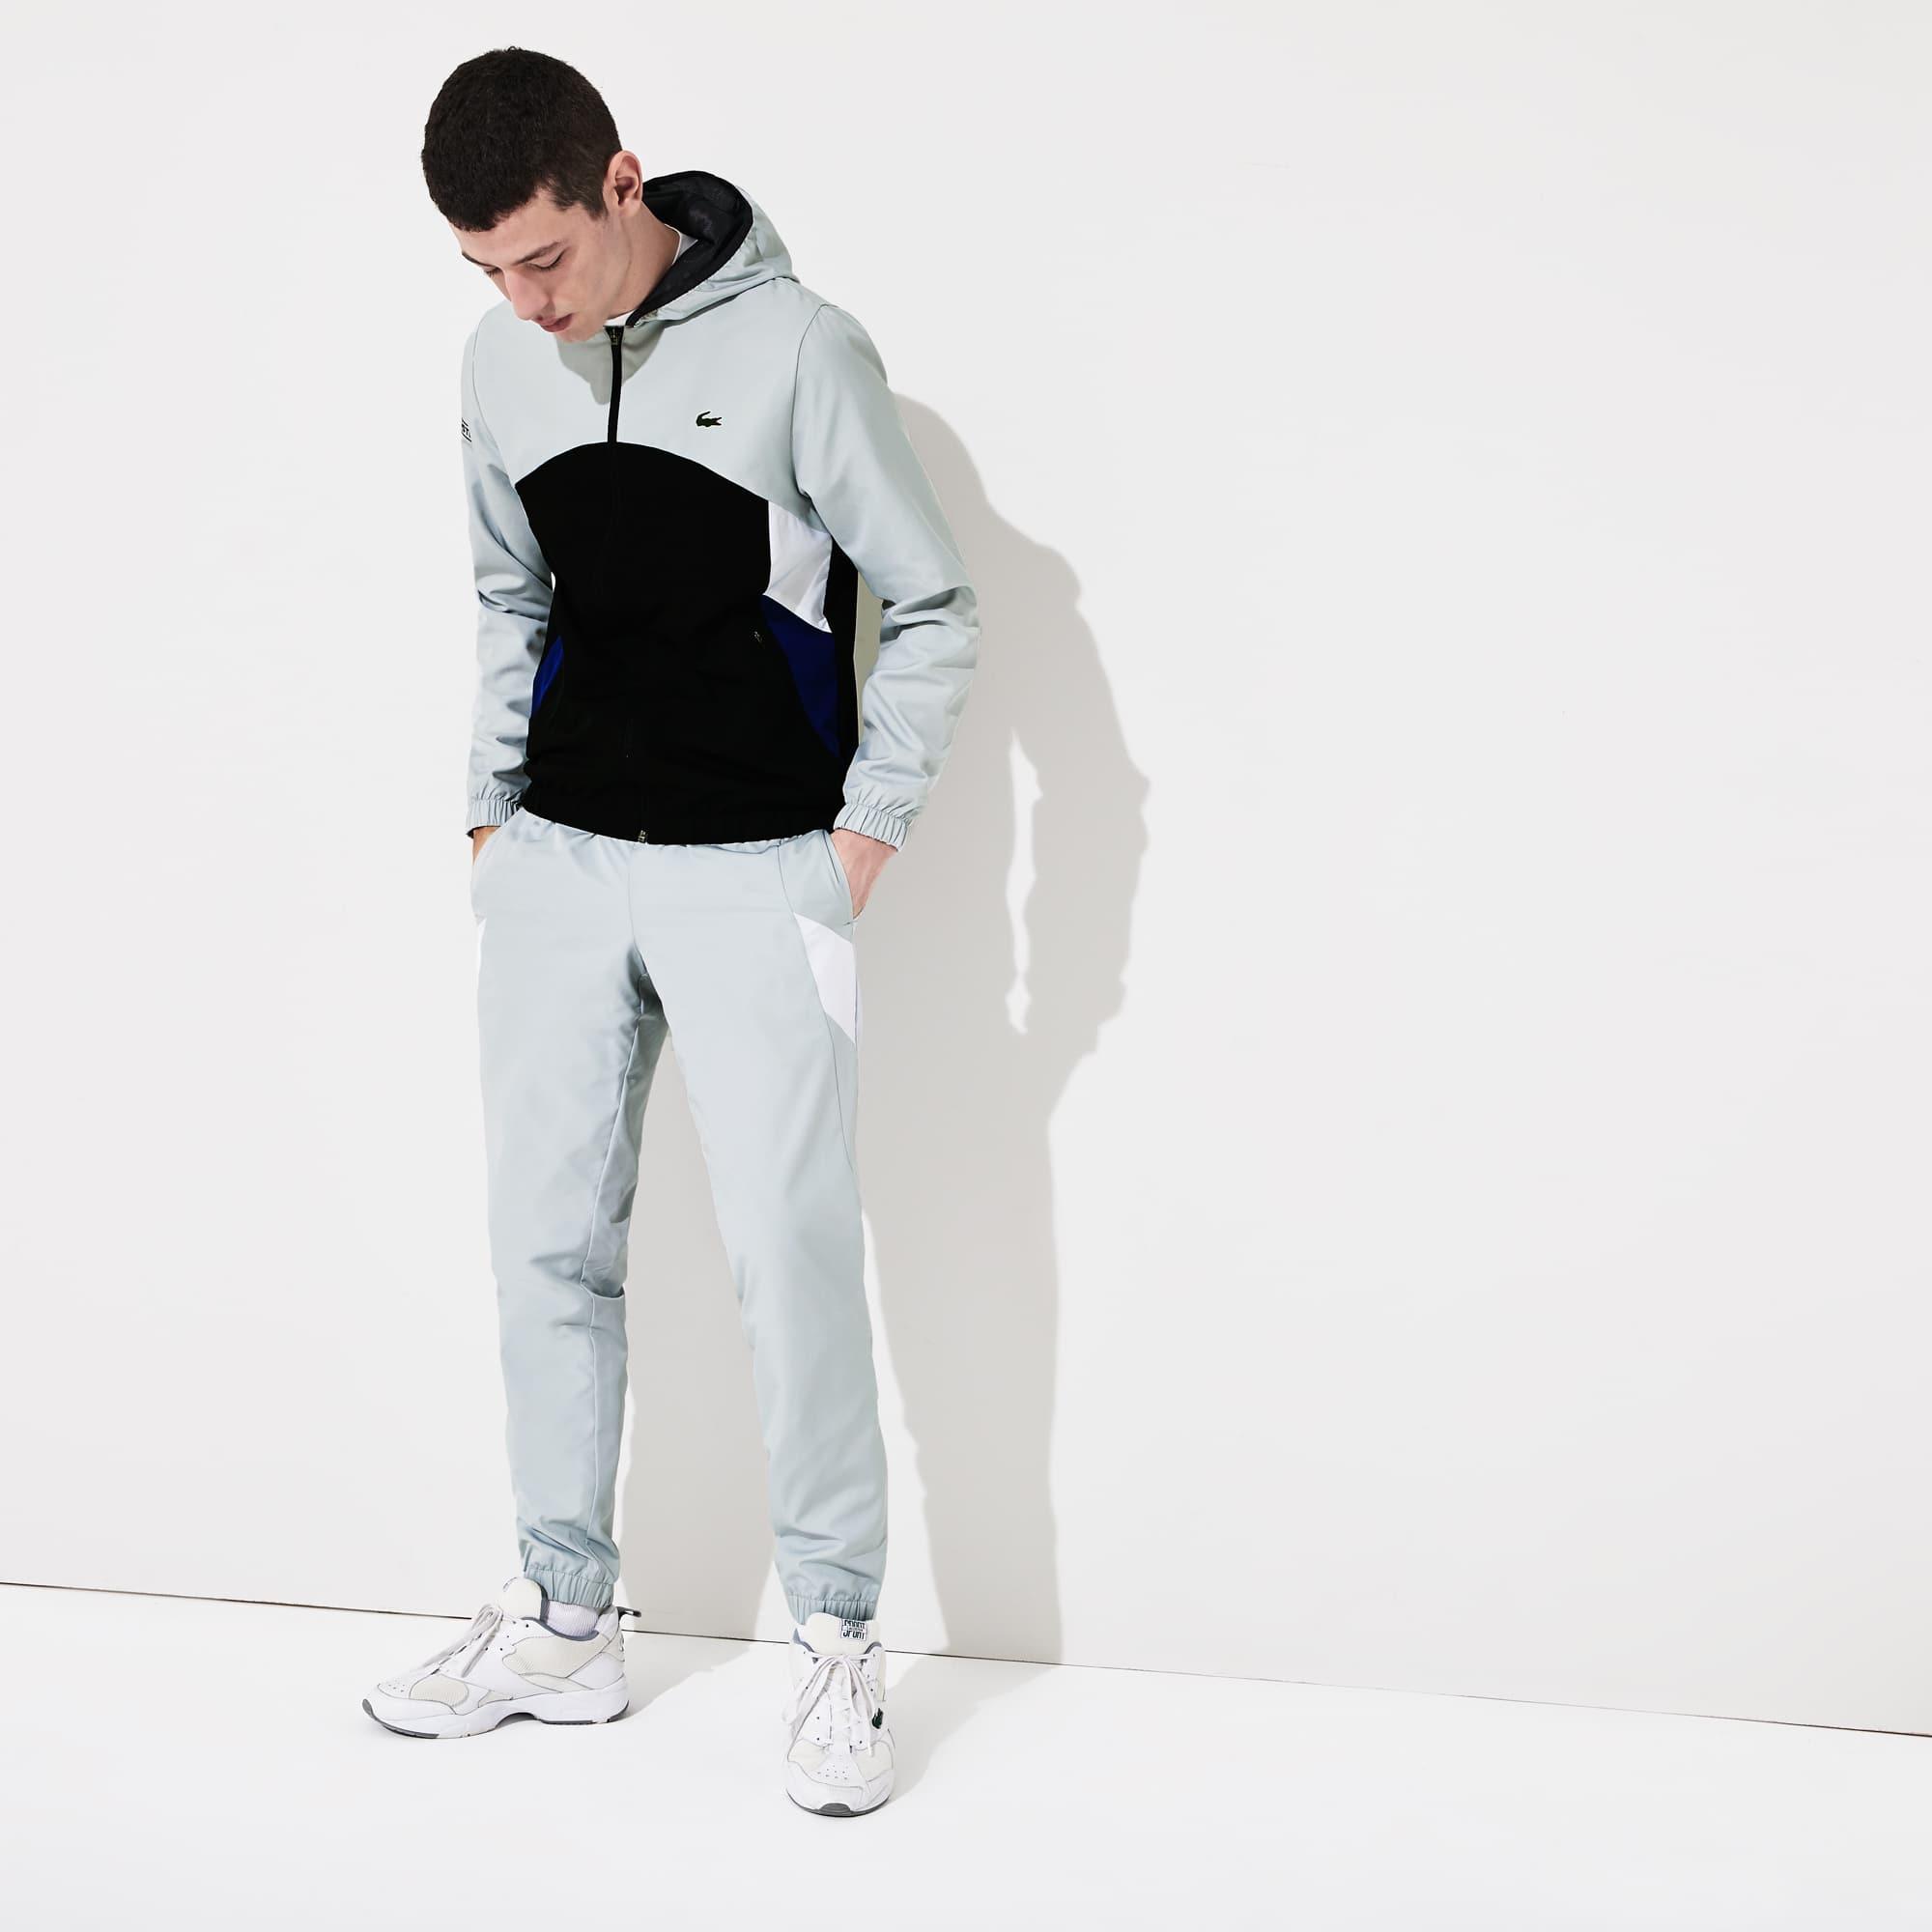 라코스테 Lacoste Men's SPORT Hooded Colorblock Tracksuit,Light Grey / Black / Blue / White / Black - RUB (S